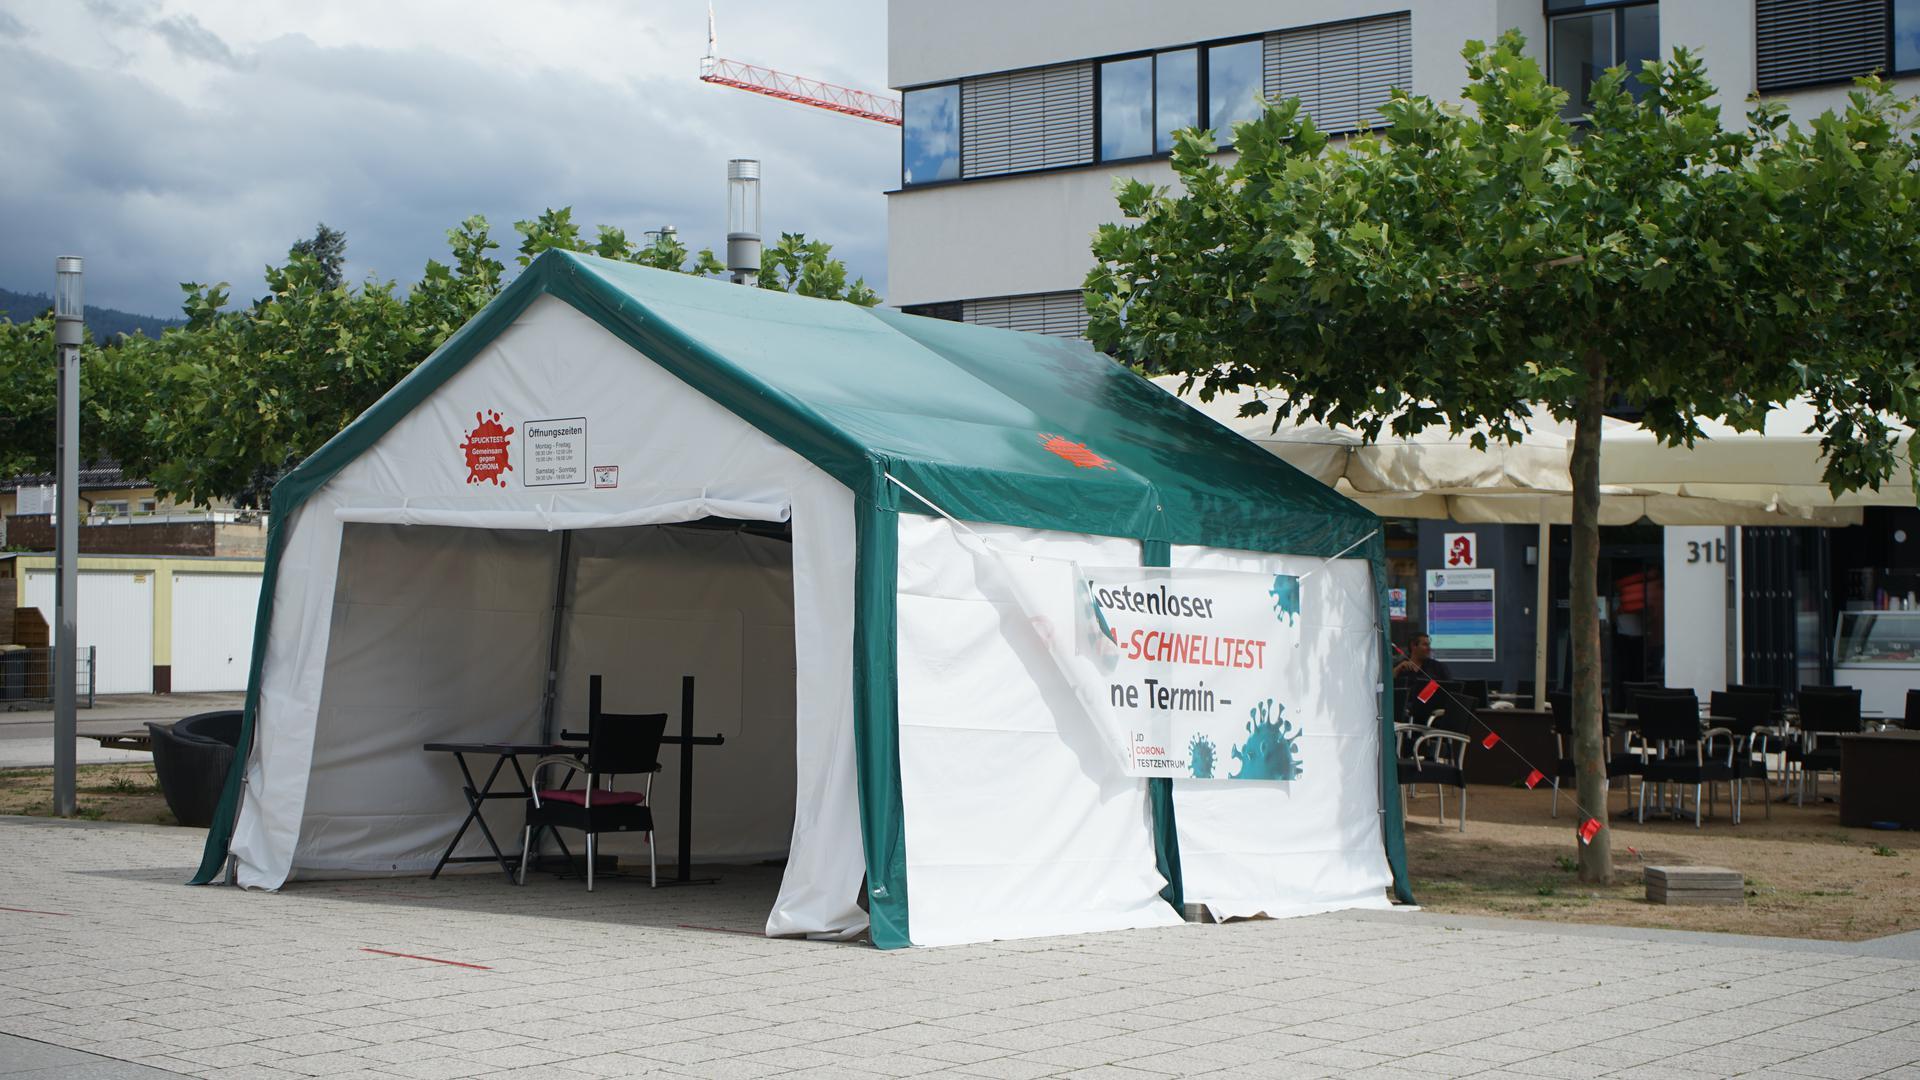 Ein Zelt steht auf einem Platz vor einem großen Gebäude.